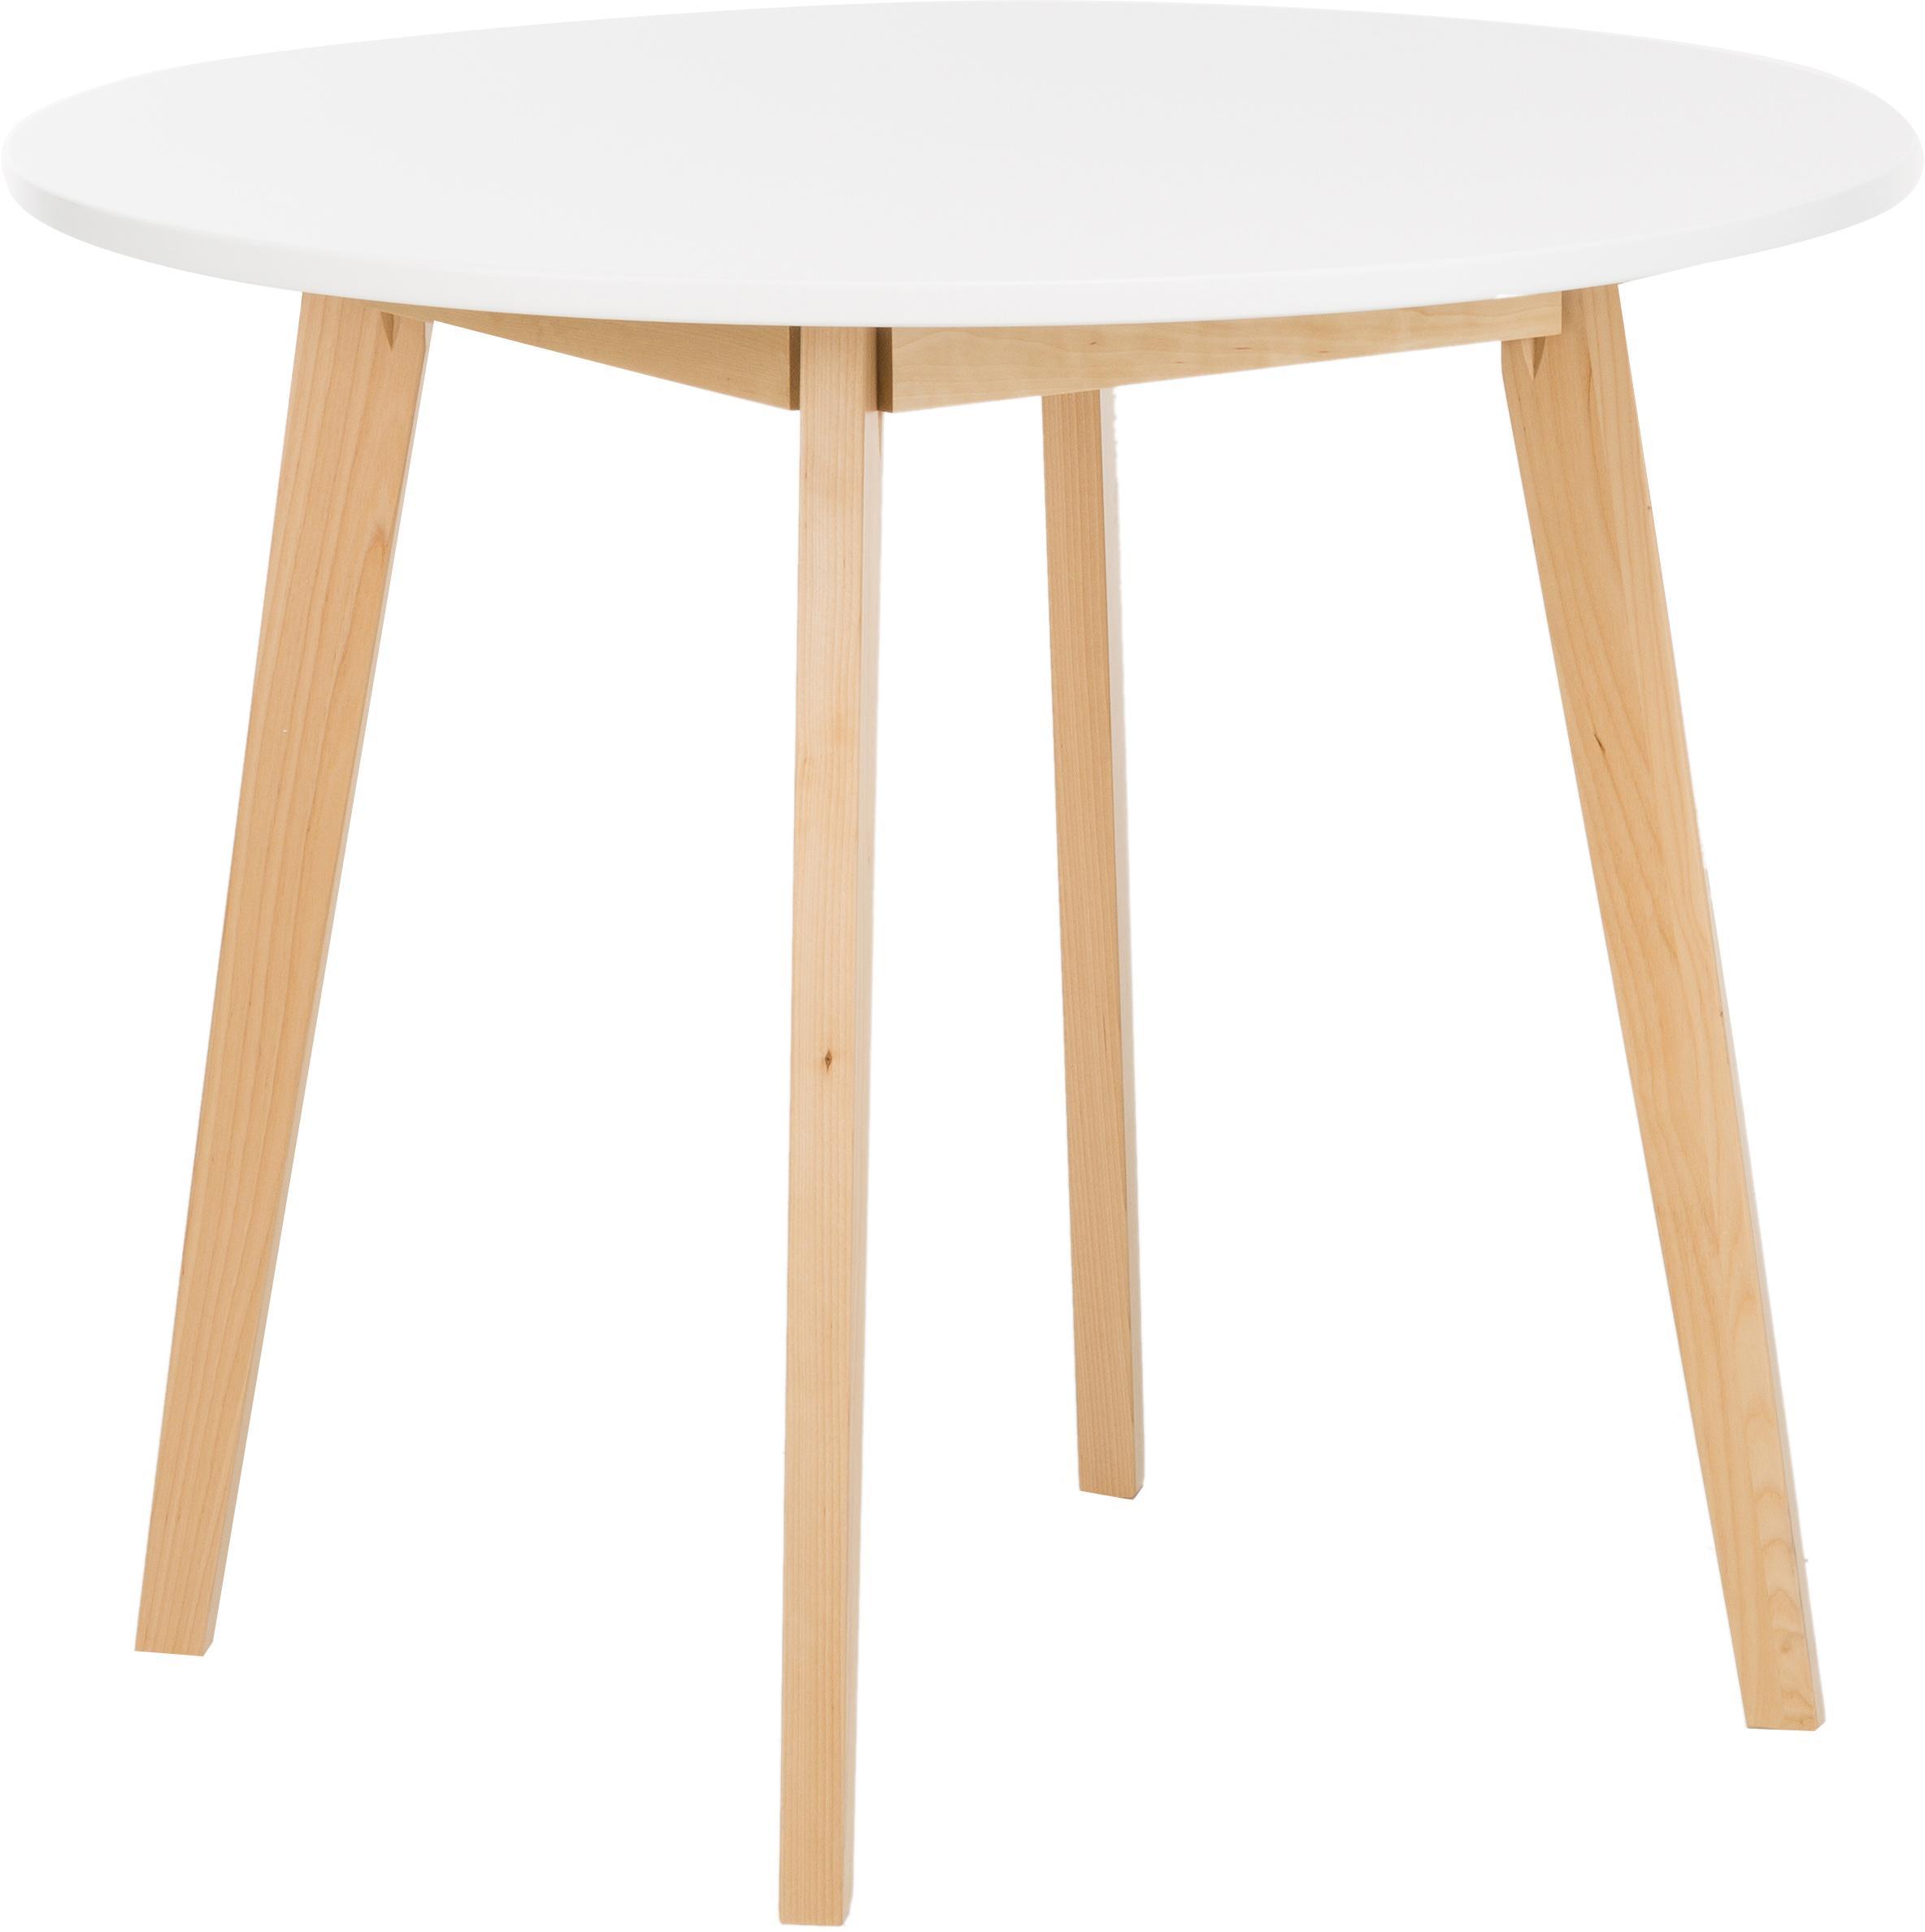 Tavolo rotondo in legno di betulla Raven, Gambe: legno di betulla, finitur, Piano d'appoggio: pannello di fibra a media, Bianco, legno di betulla, finitura naturale, Ø 90 cm